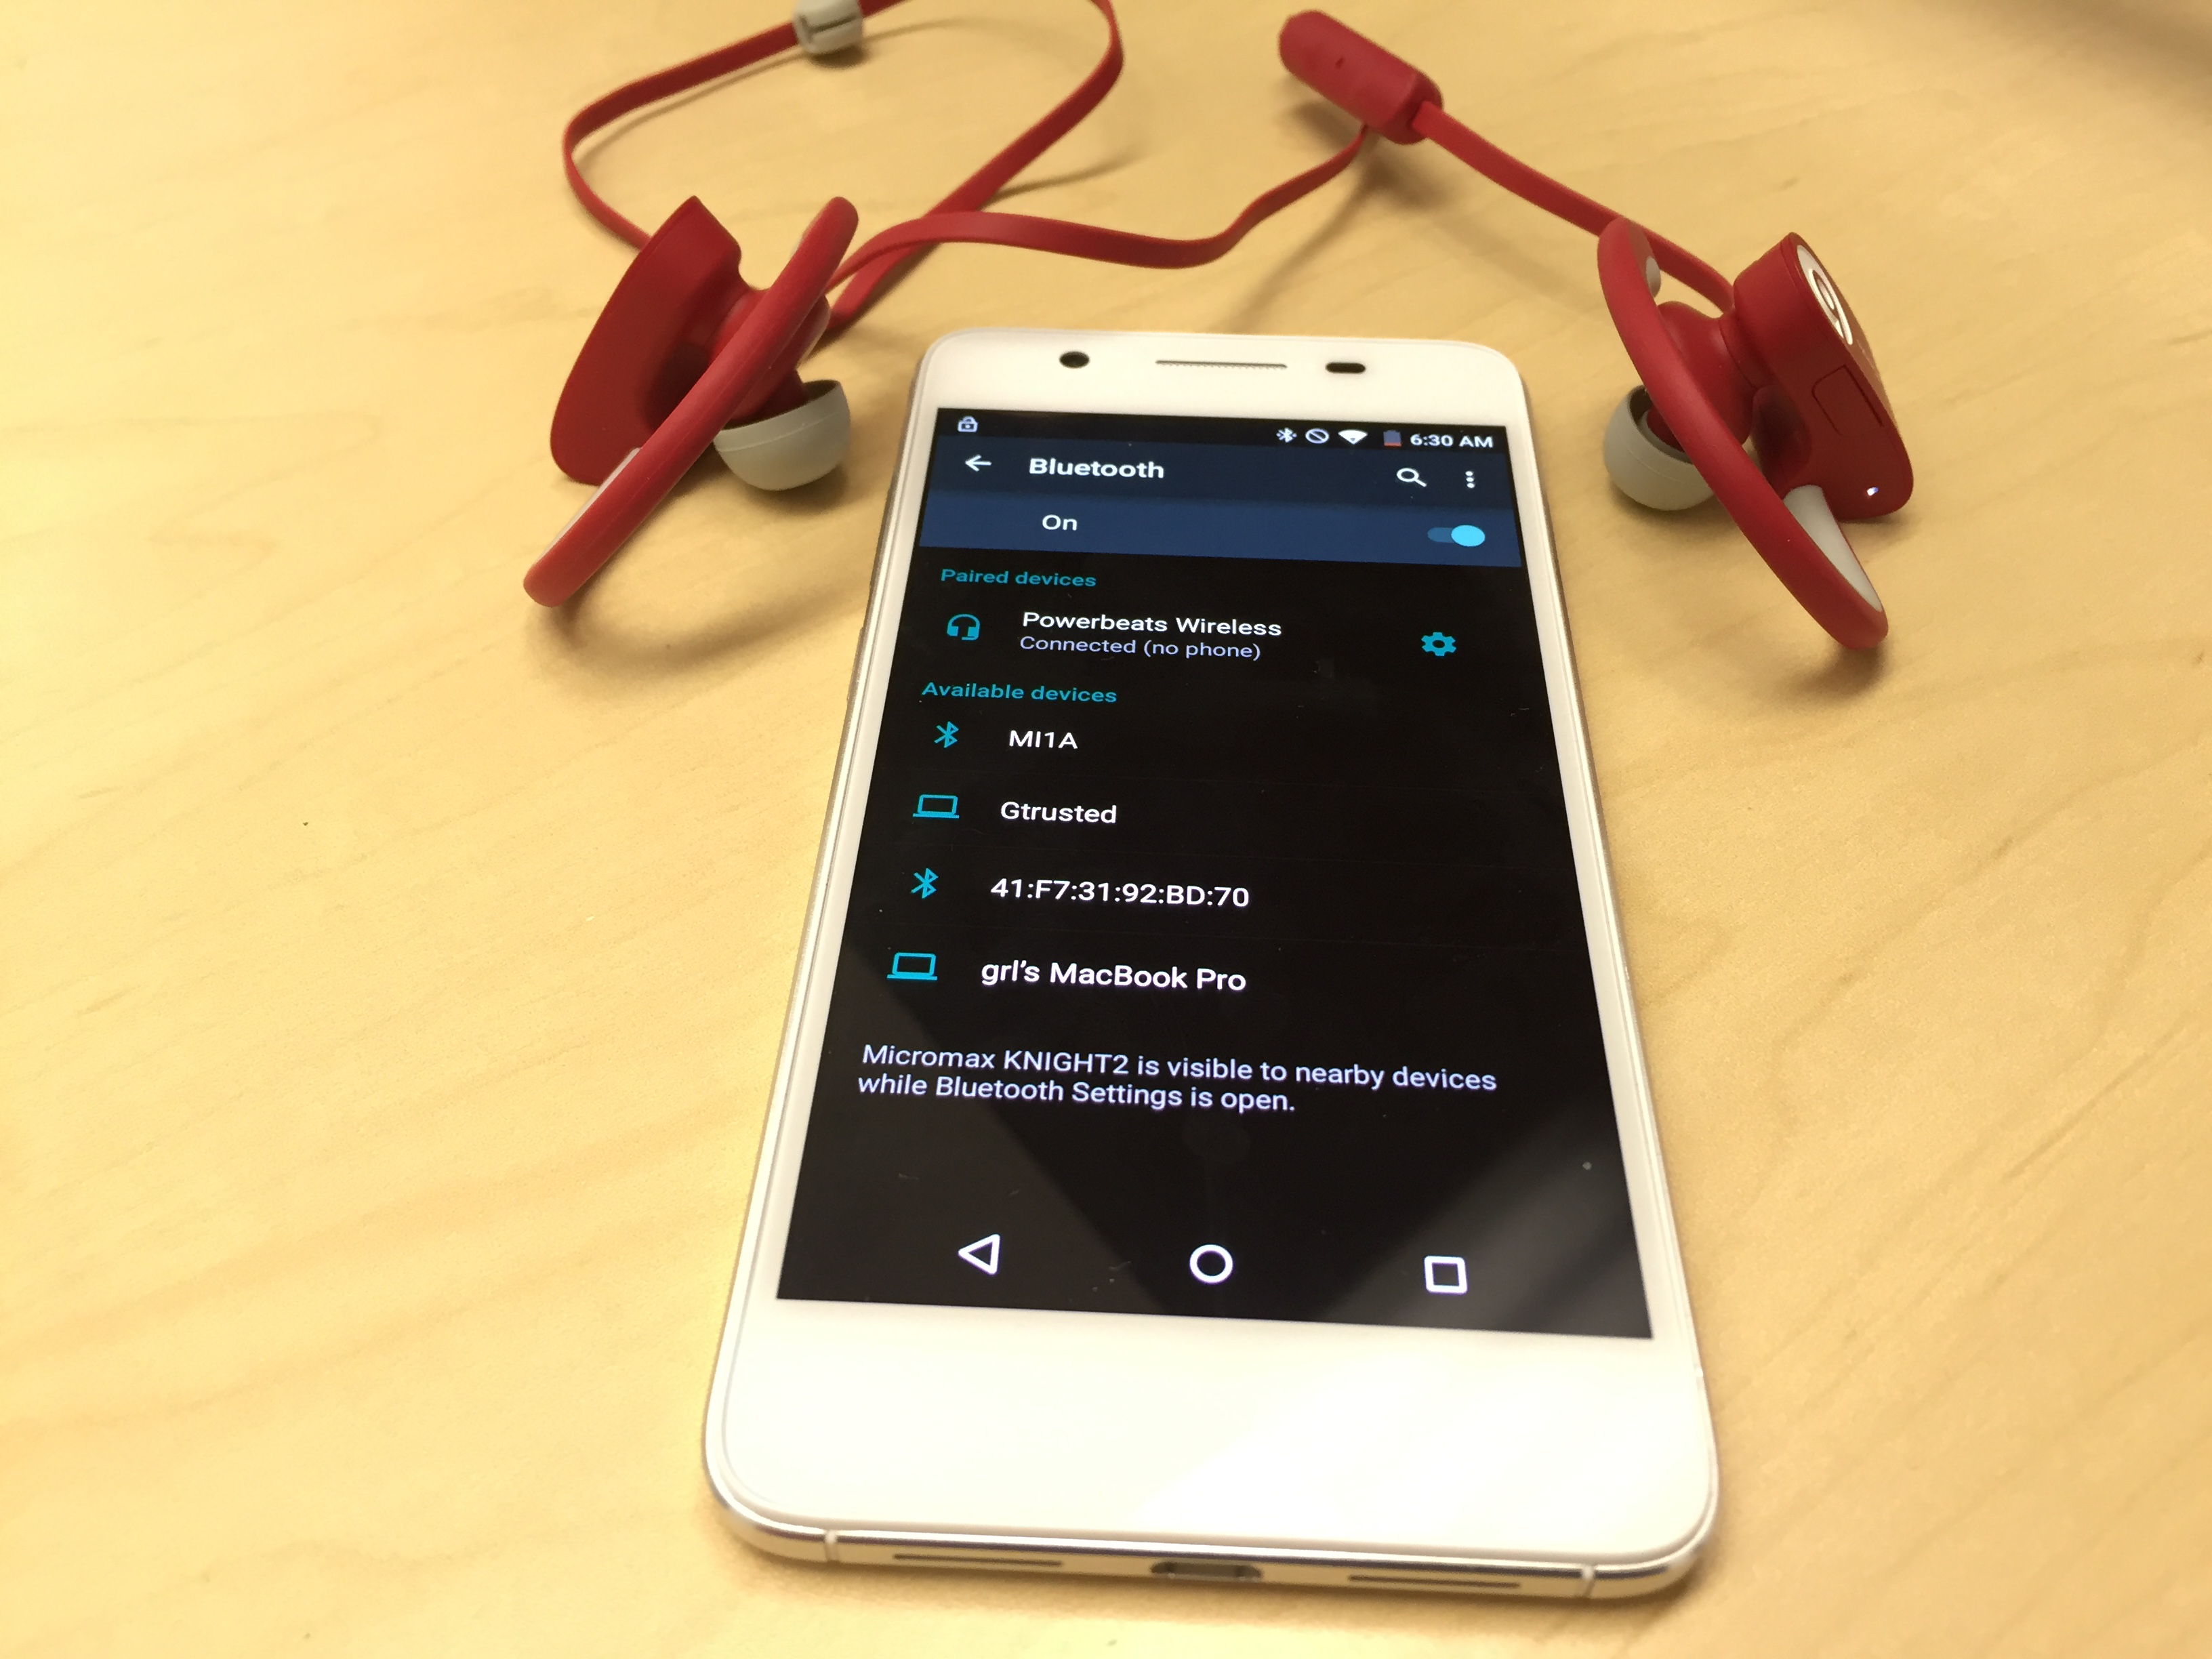 Rog strix gaming wireless headphones - beats gaming headphones